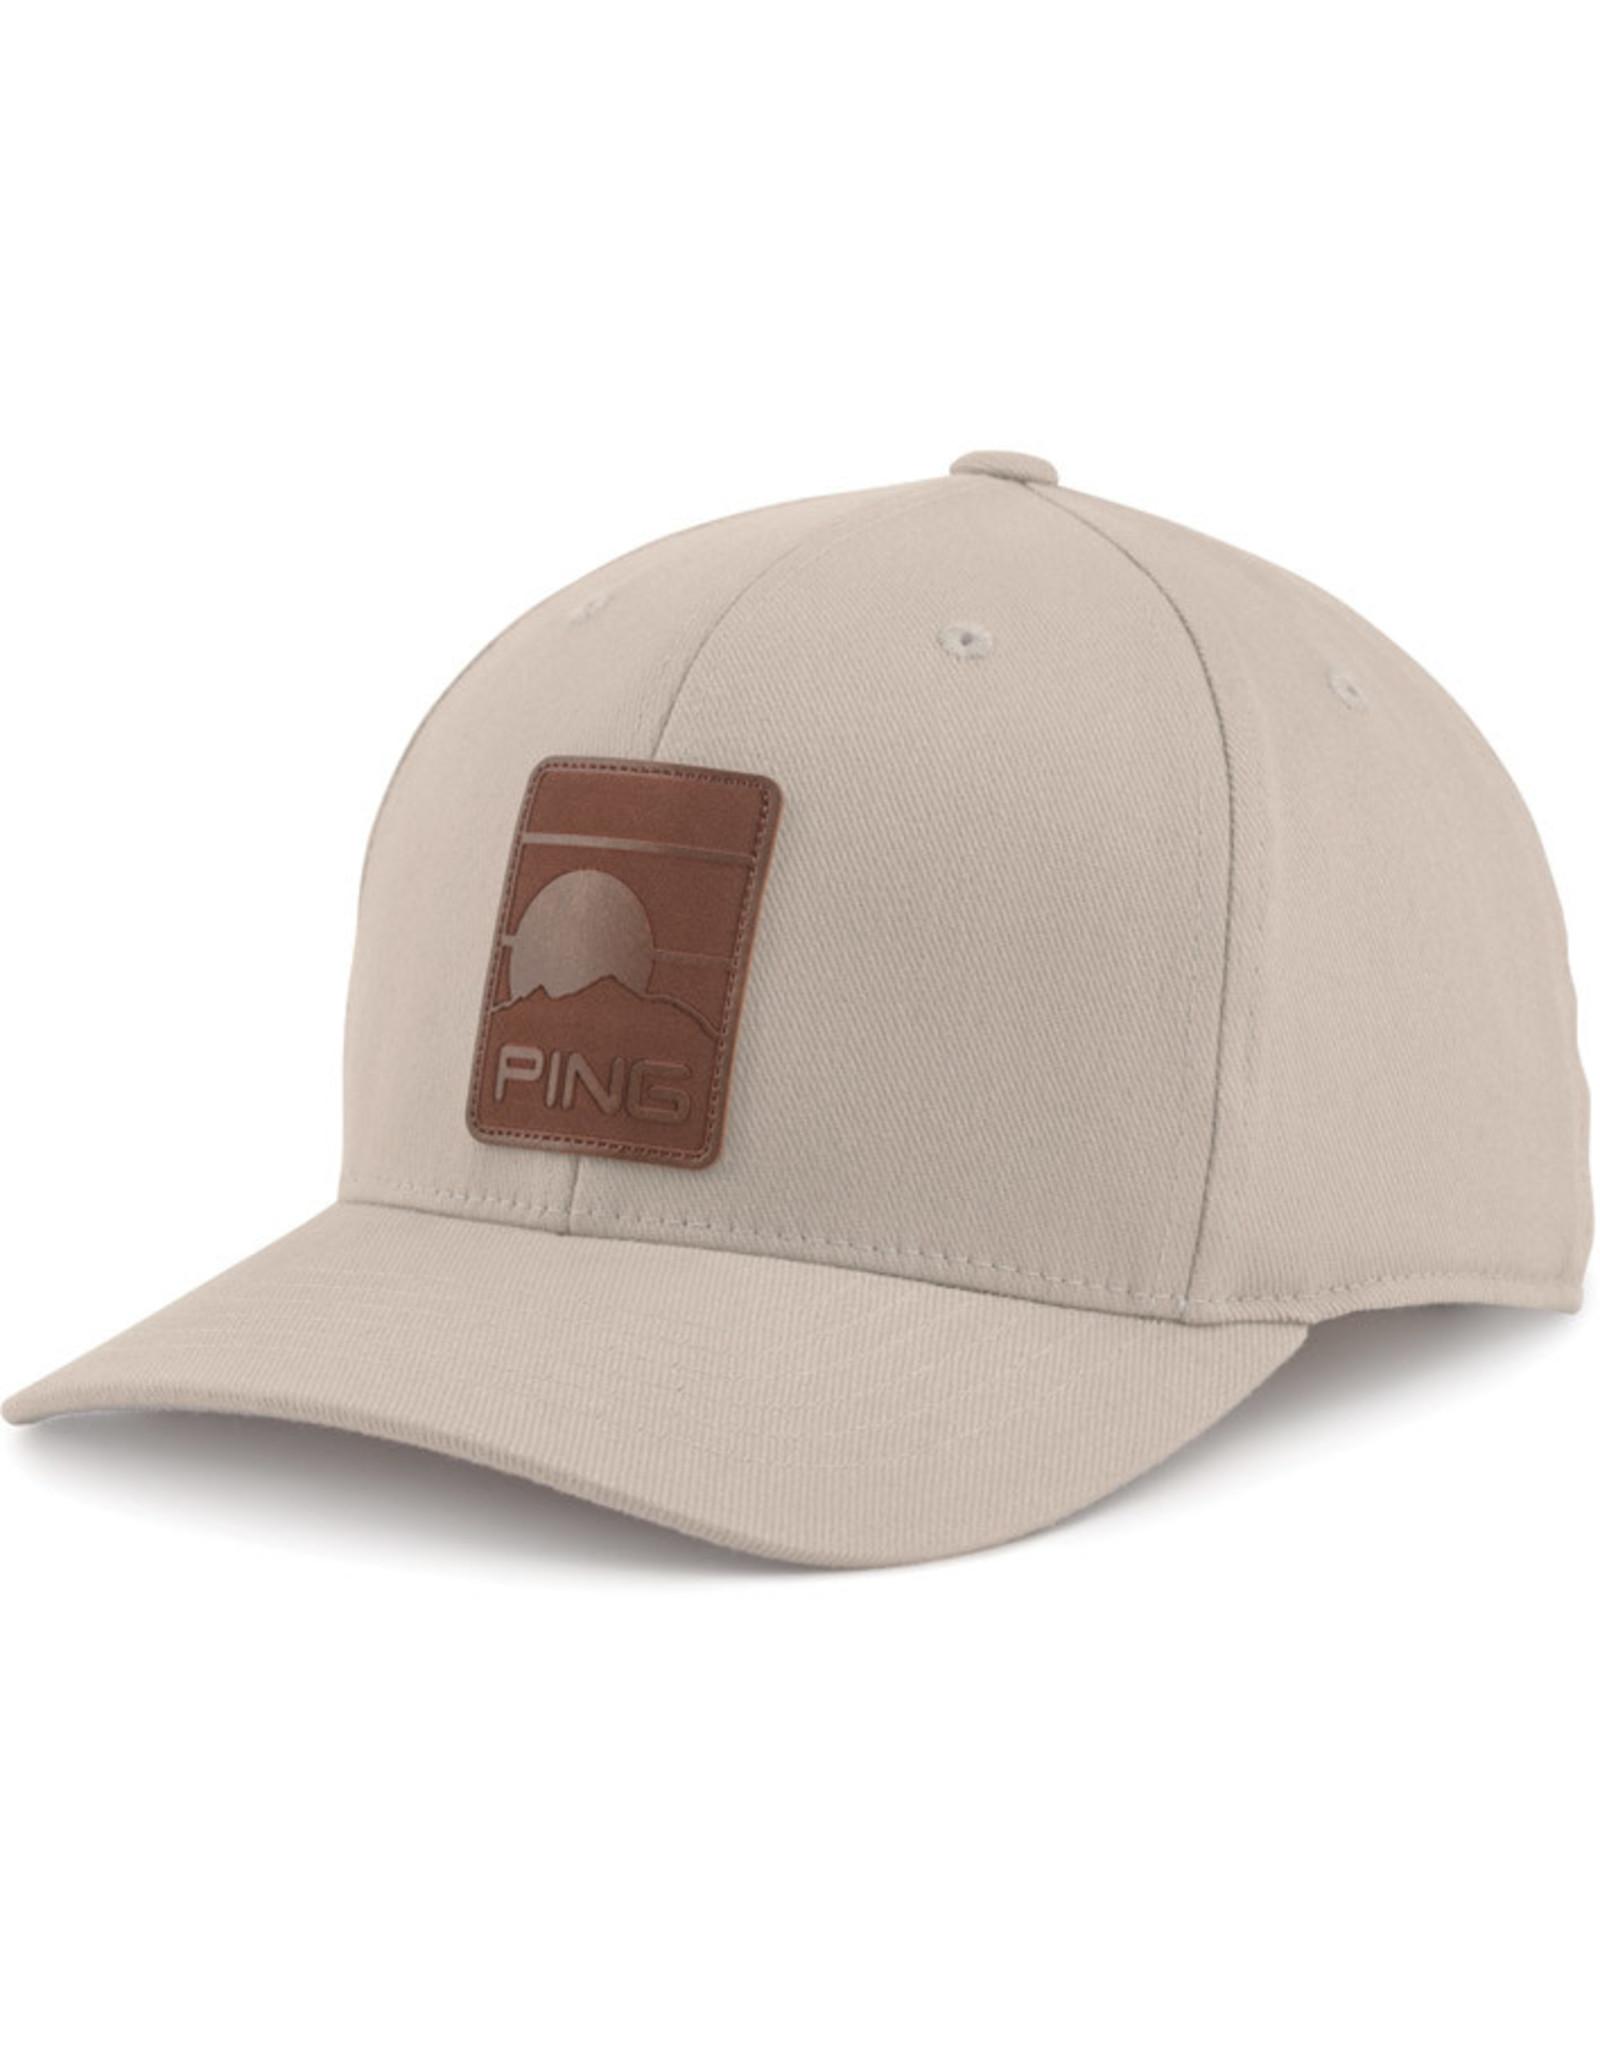 Ping Ping Snapback Hat